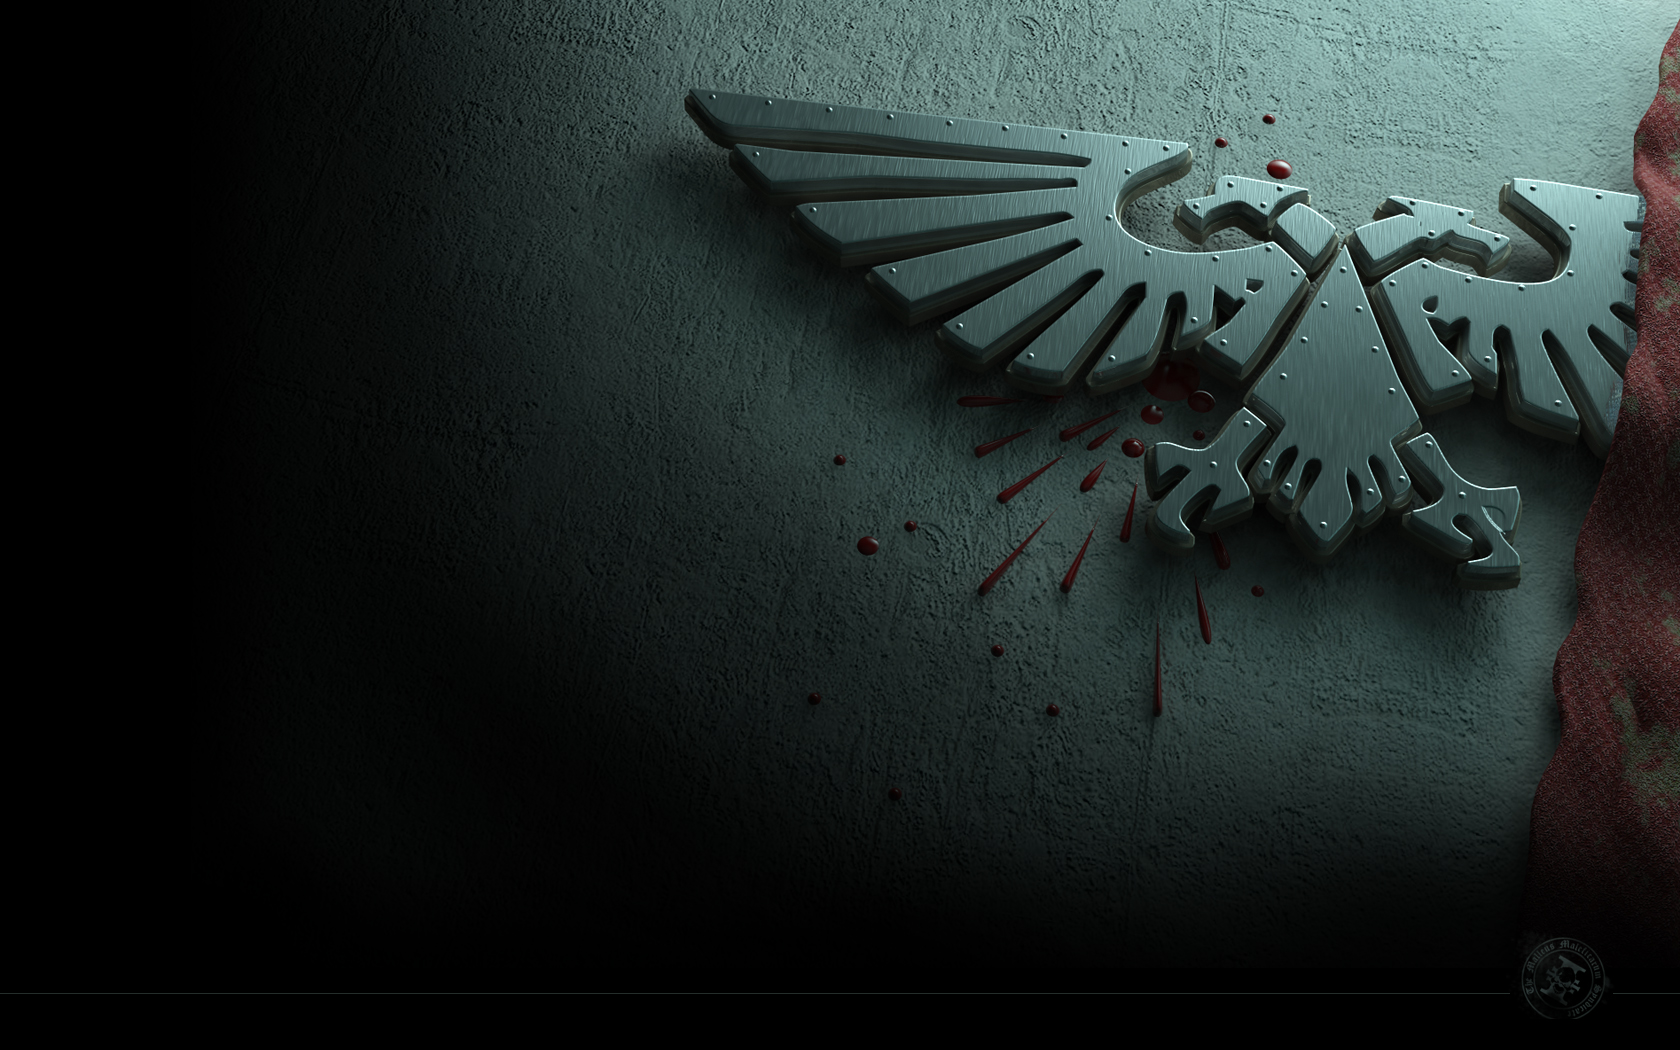 Warhammer 40k iPhone Wallpaper - WallpaperSafari